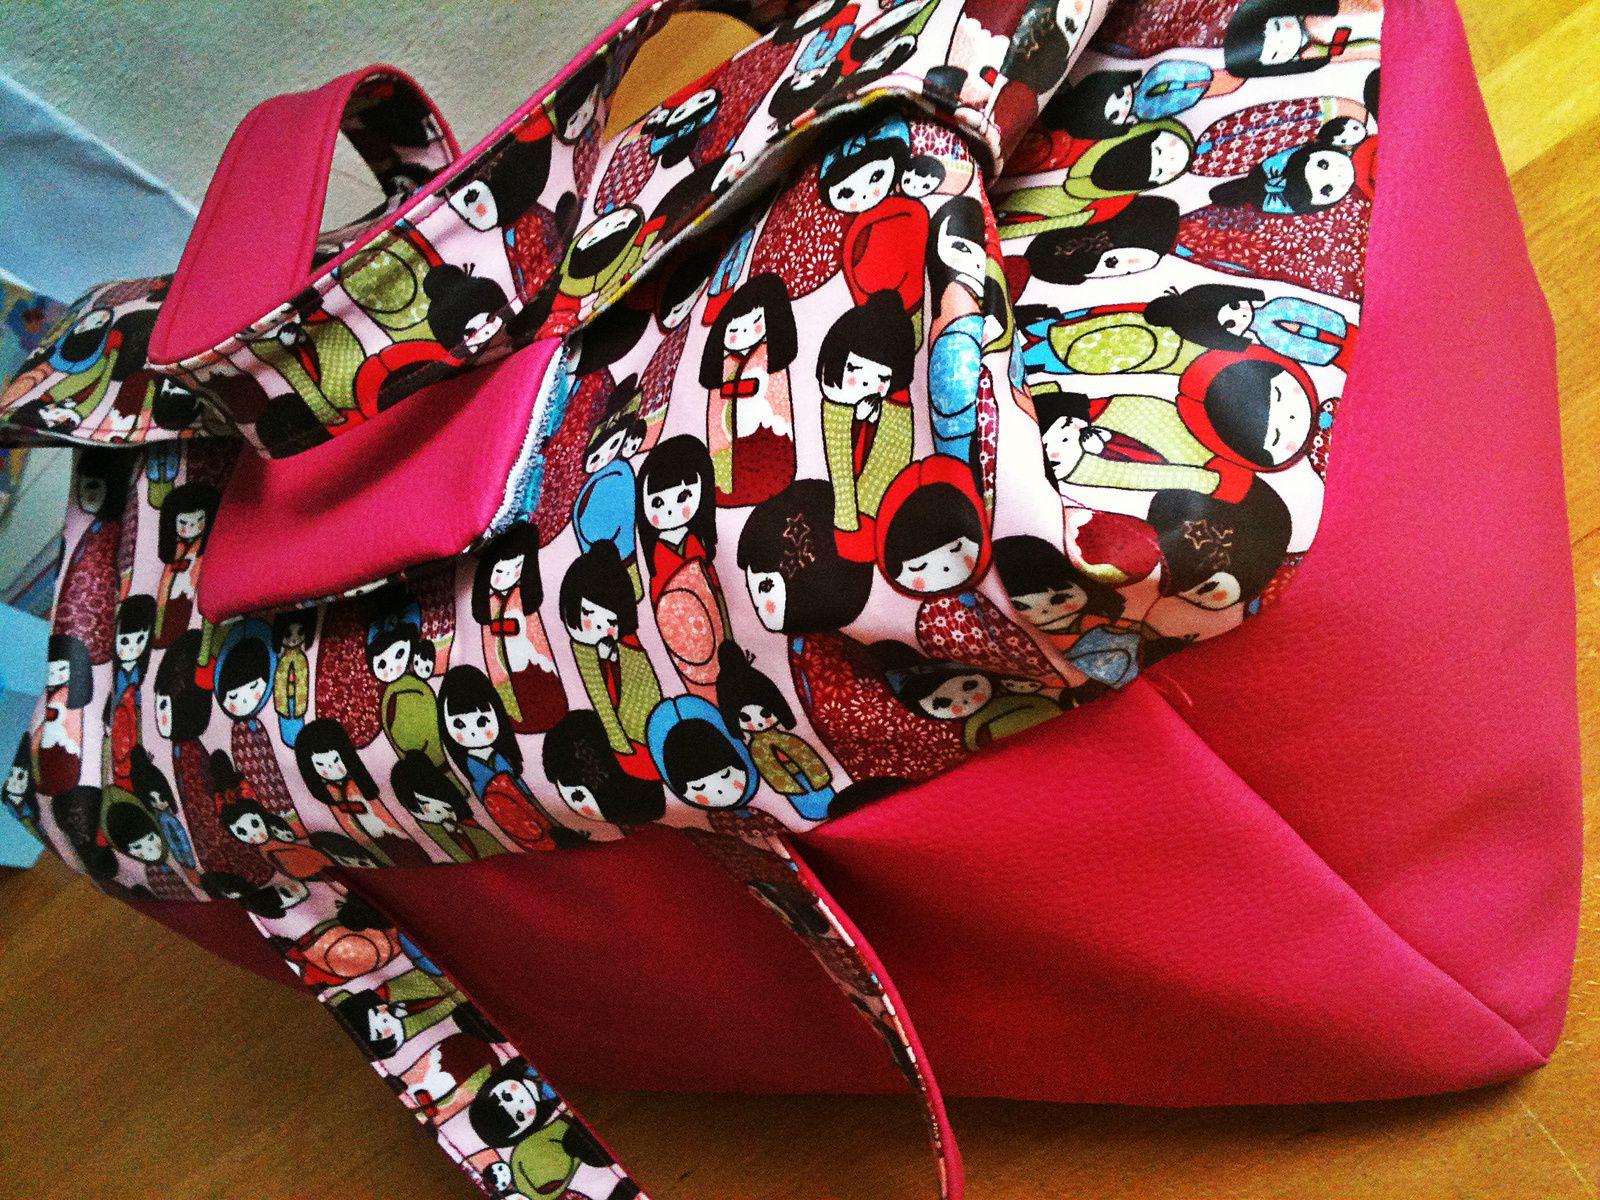 Le sac du dernier jour